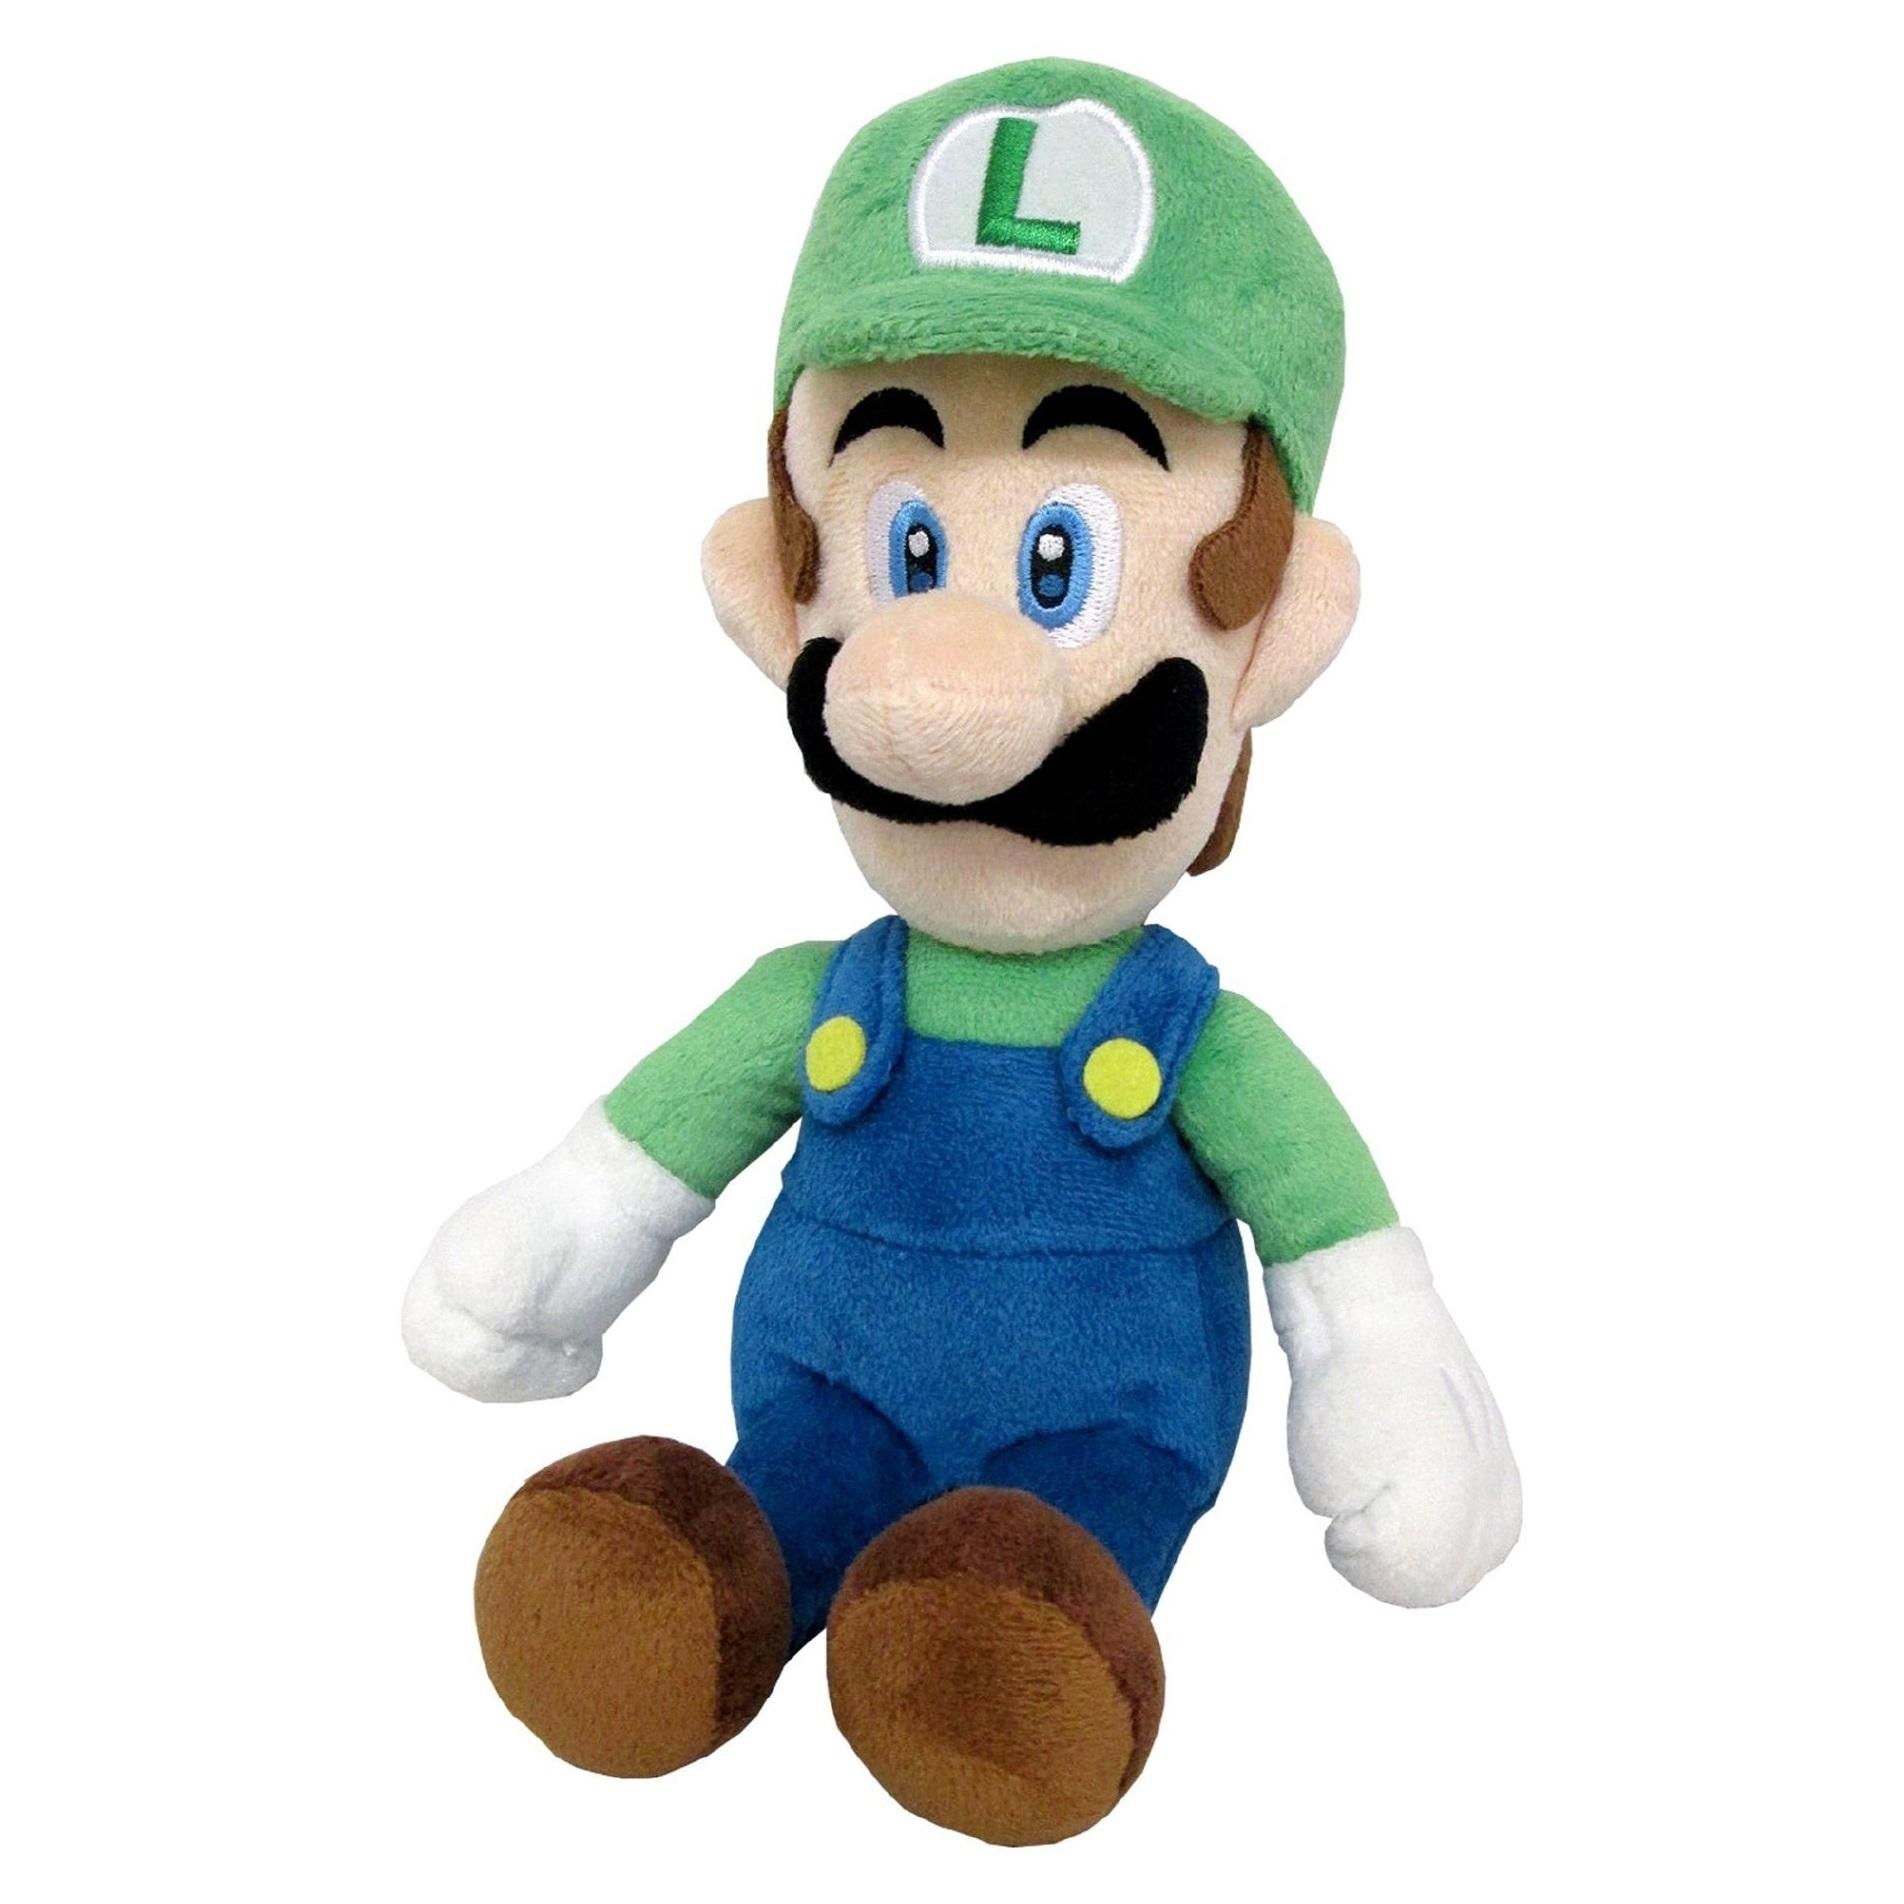 Luigi Official Super Mario All Star Collection Plush (1)